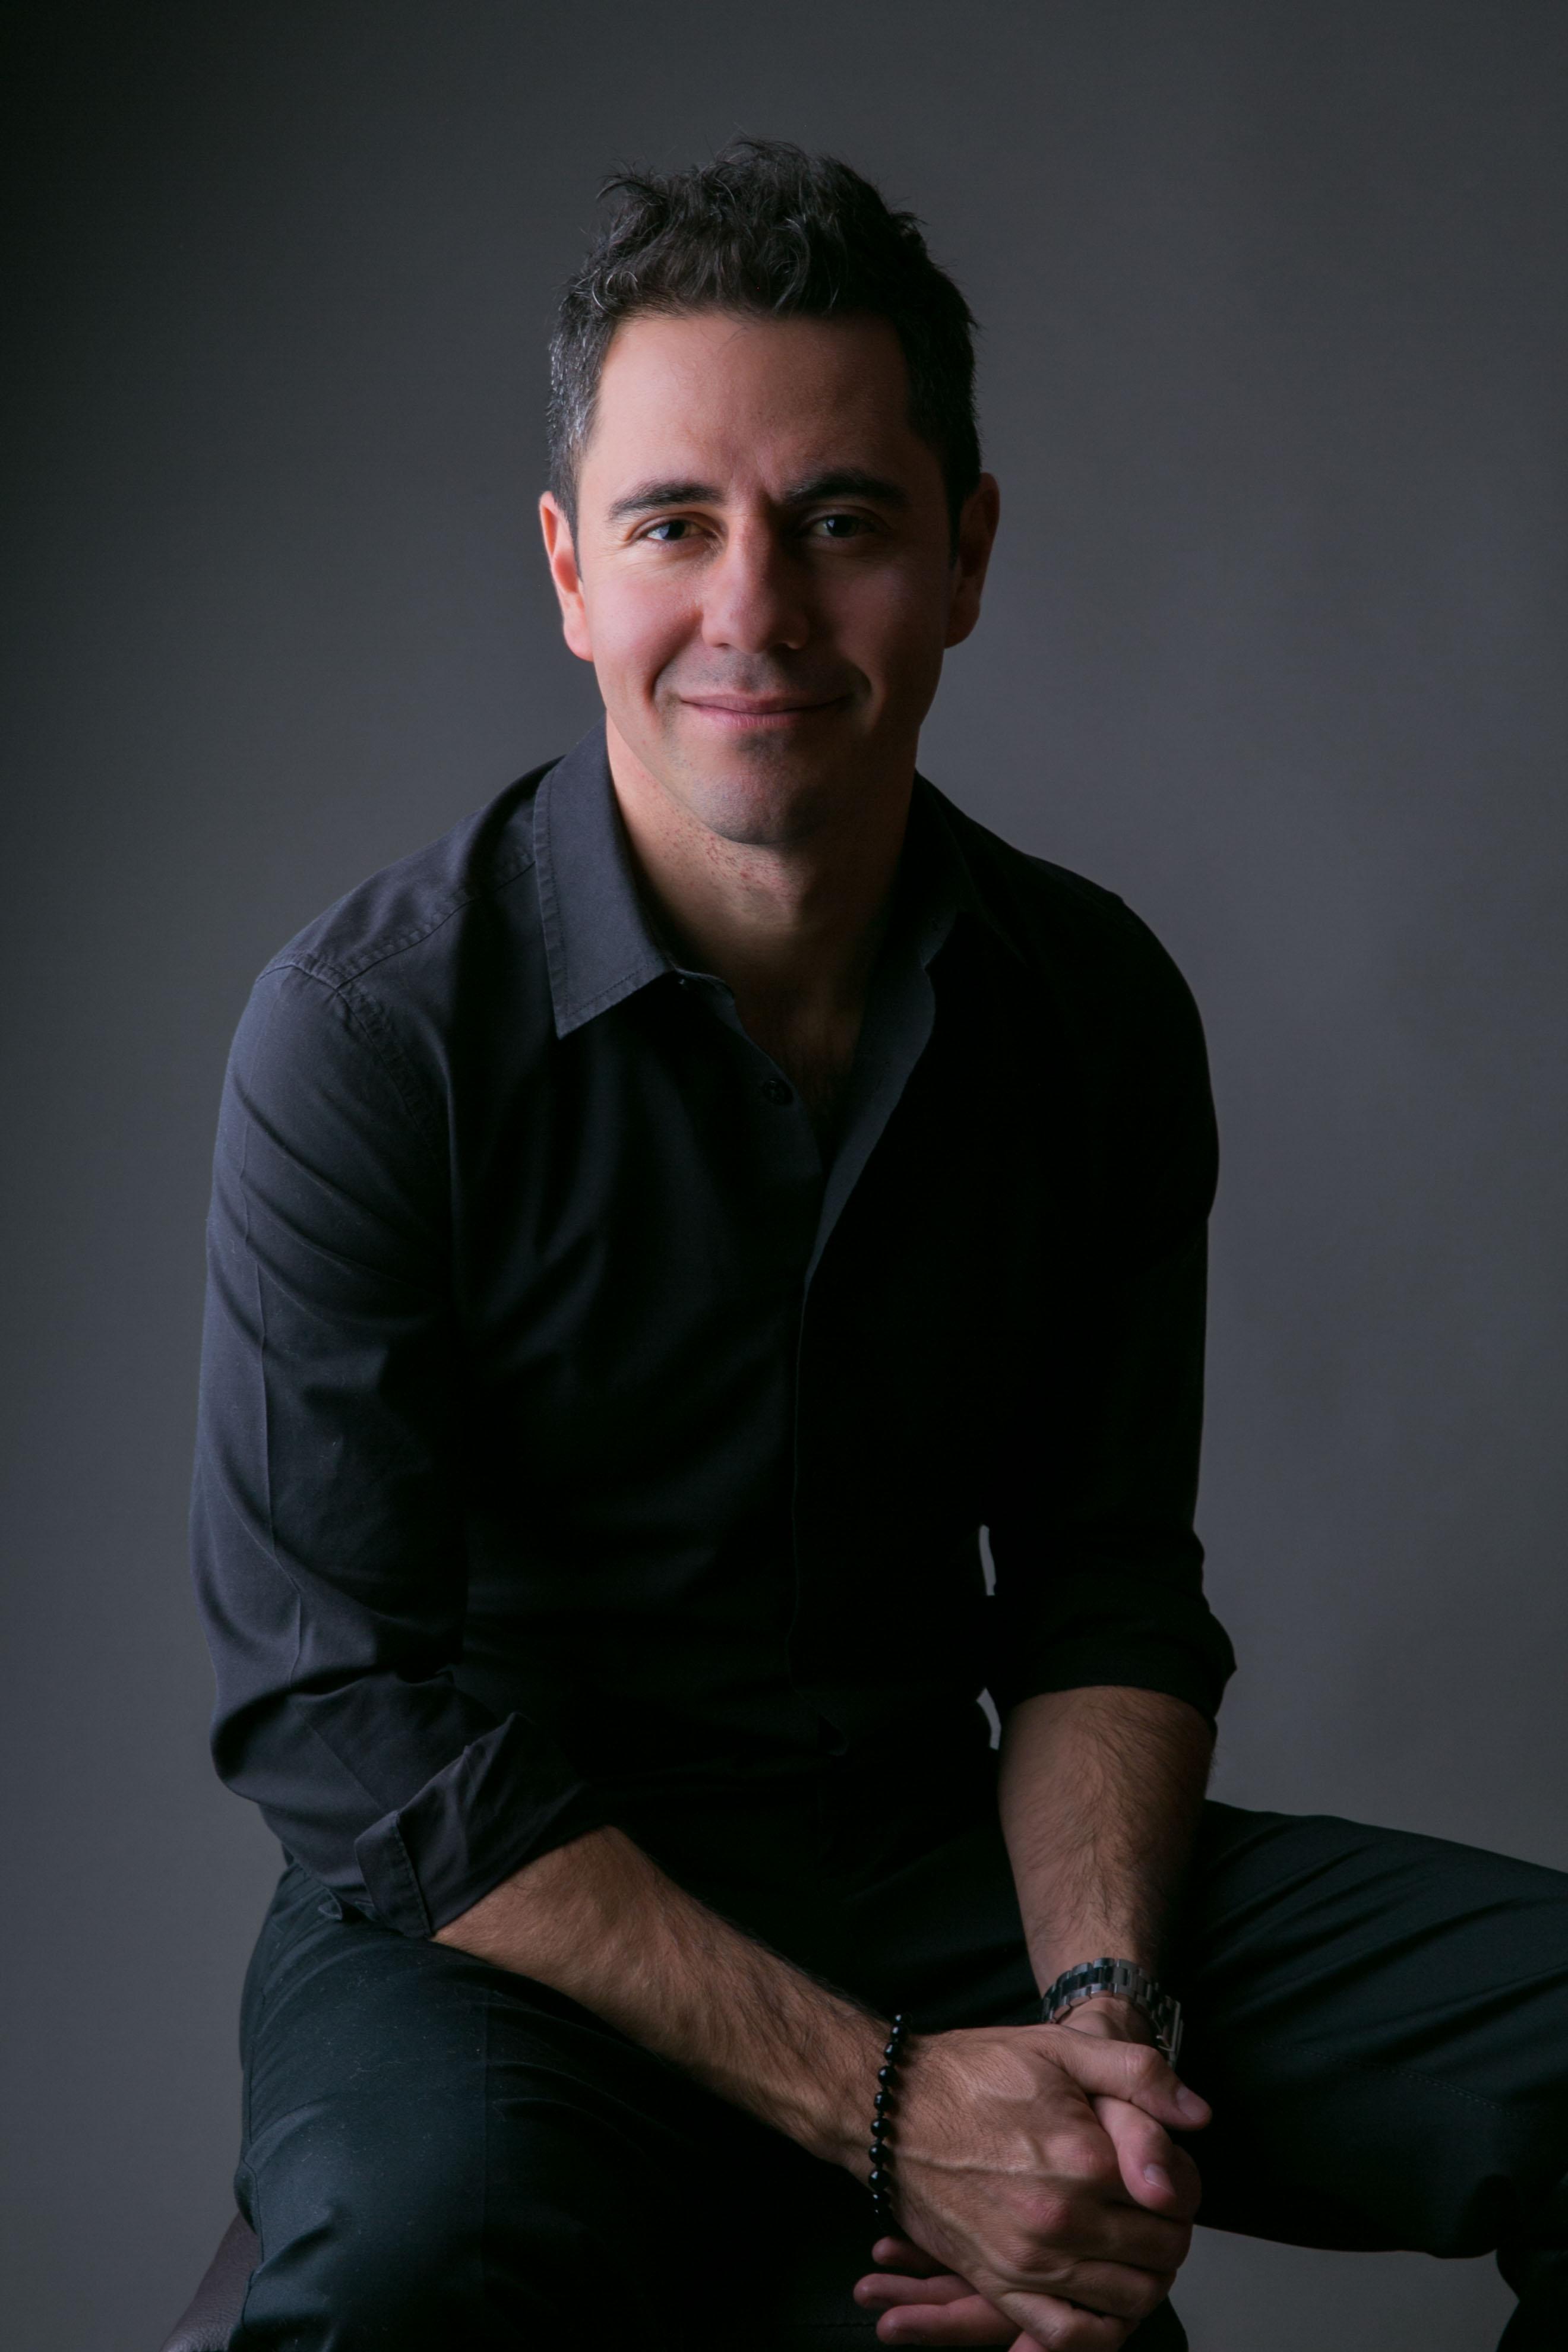 Enrique Delgadillo